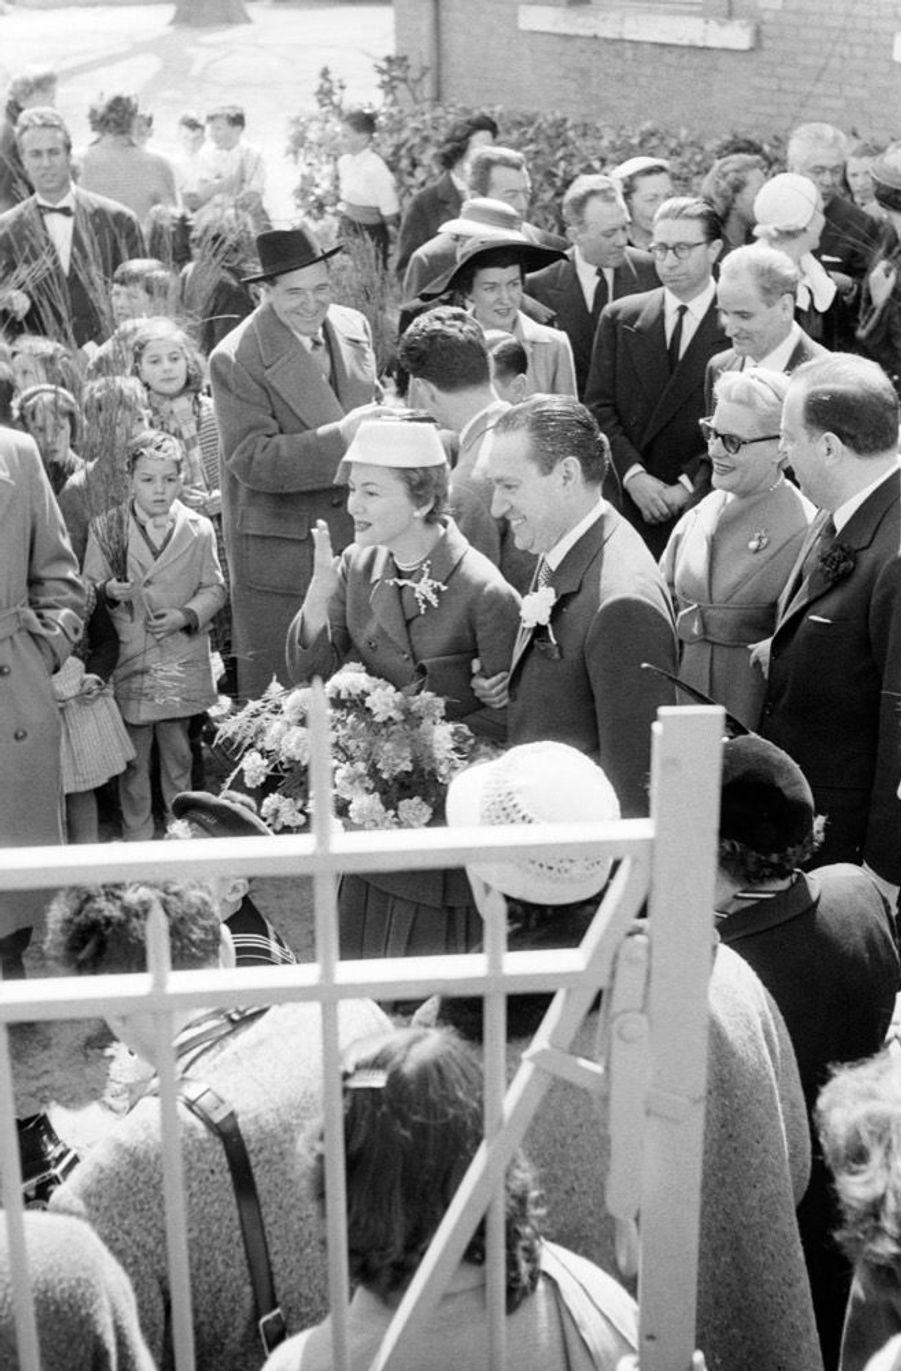 Le mariage de l'actrice Olivia de Havilland et du journaliste de Paris Match Pierre Galante, le 2 avril 1955.